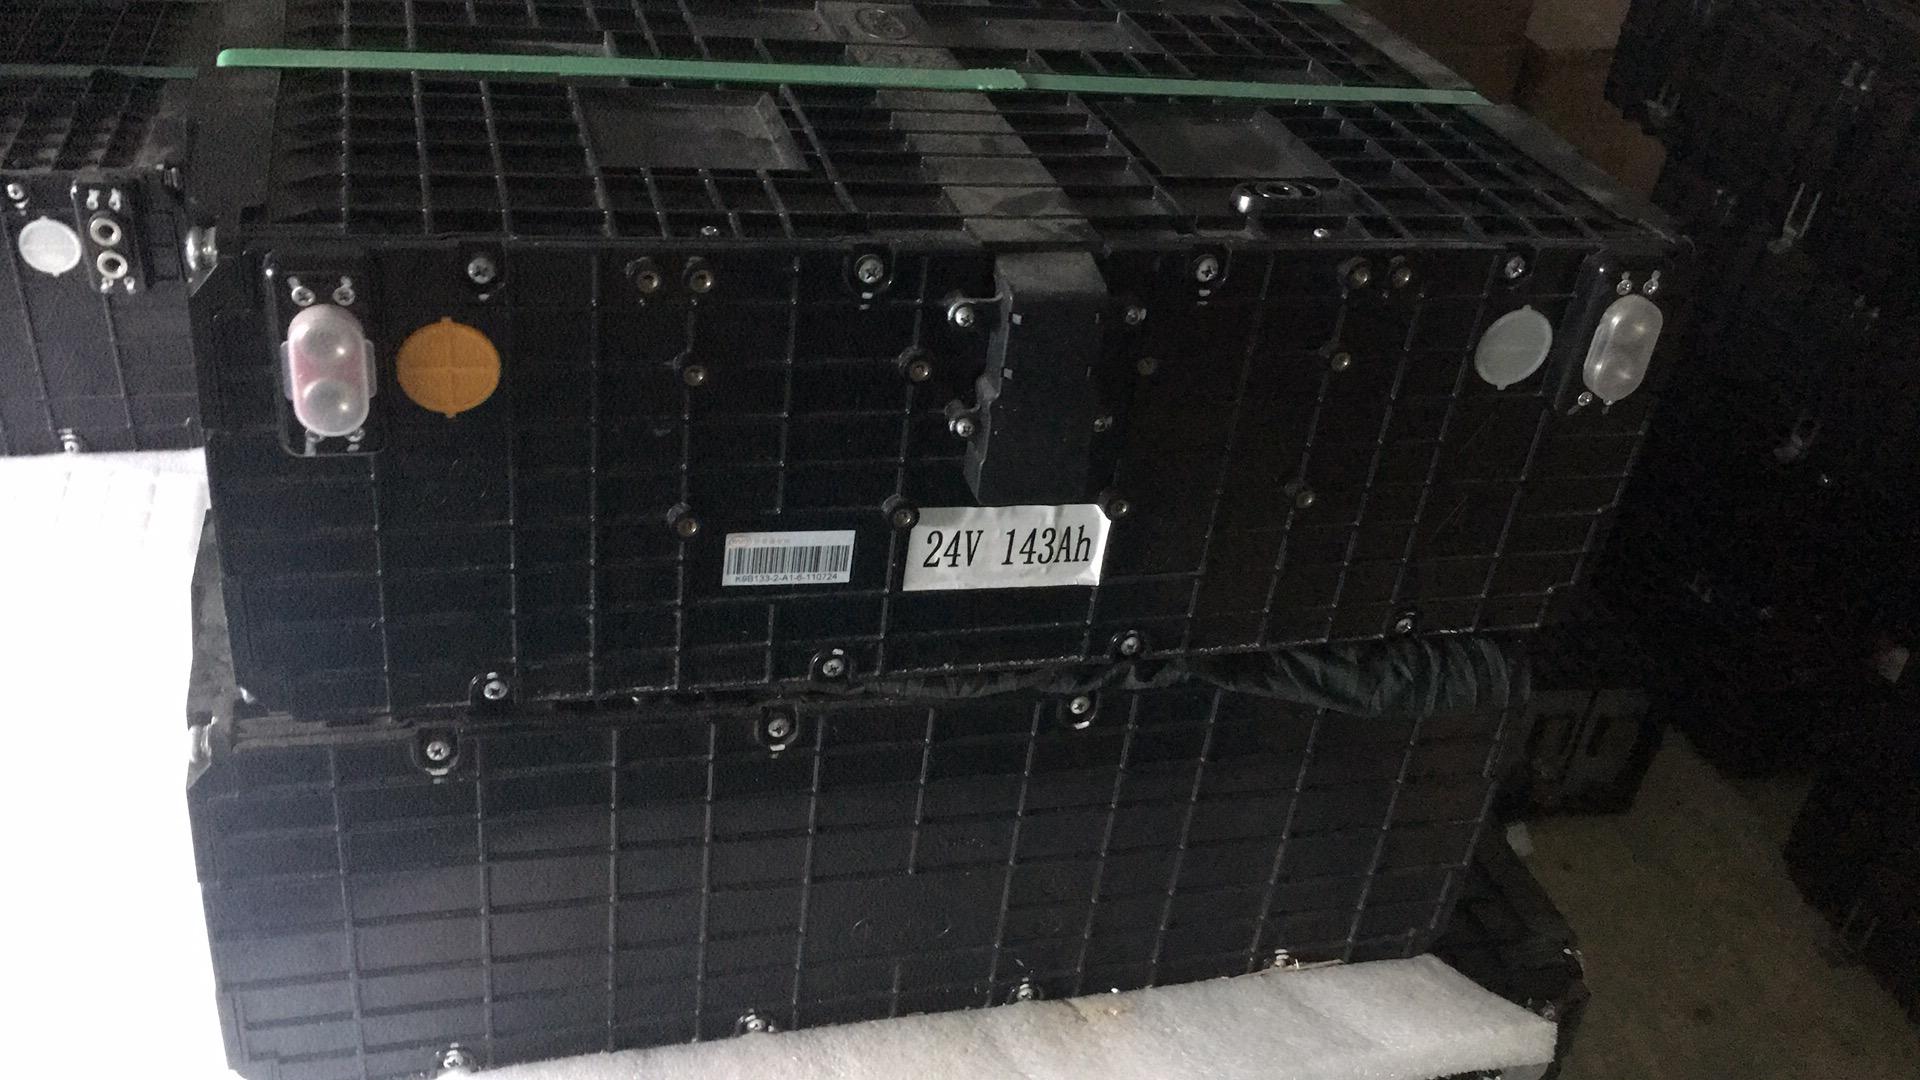 144V100锂电池  广东锂电池回收厂 广东废旧电池回收  深圳锂电池回收电话深圳锂电池回收厂